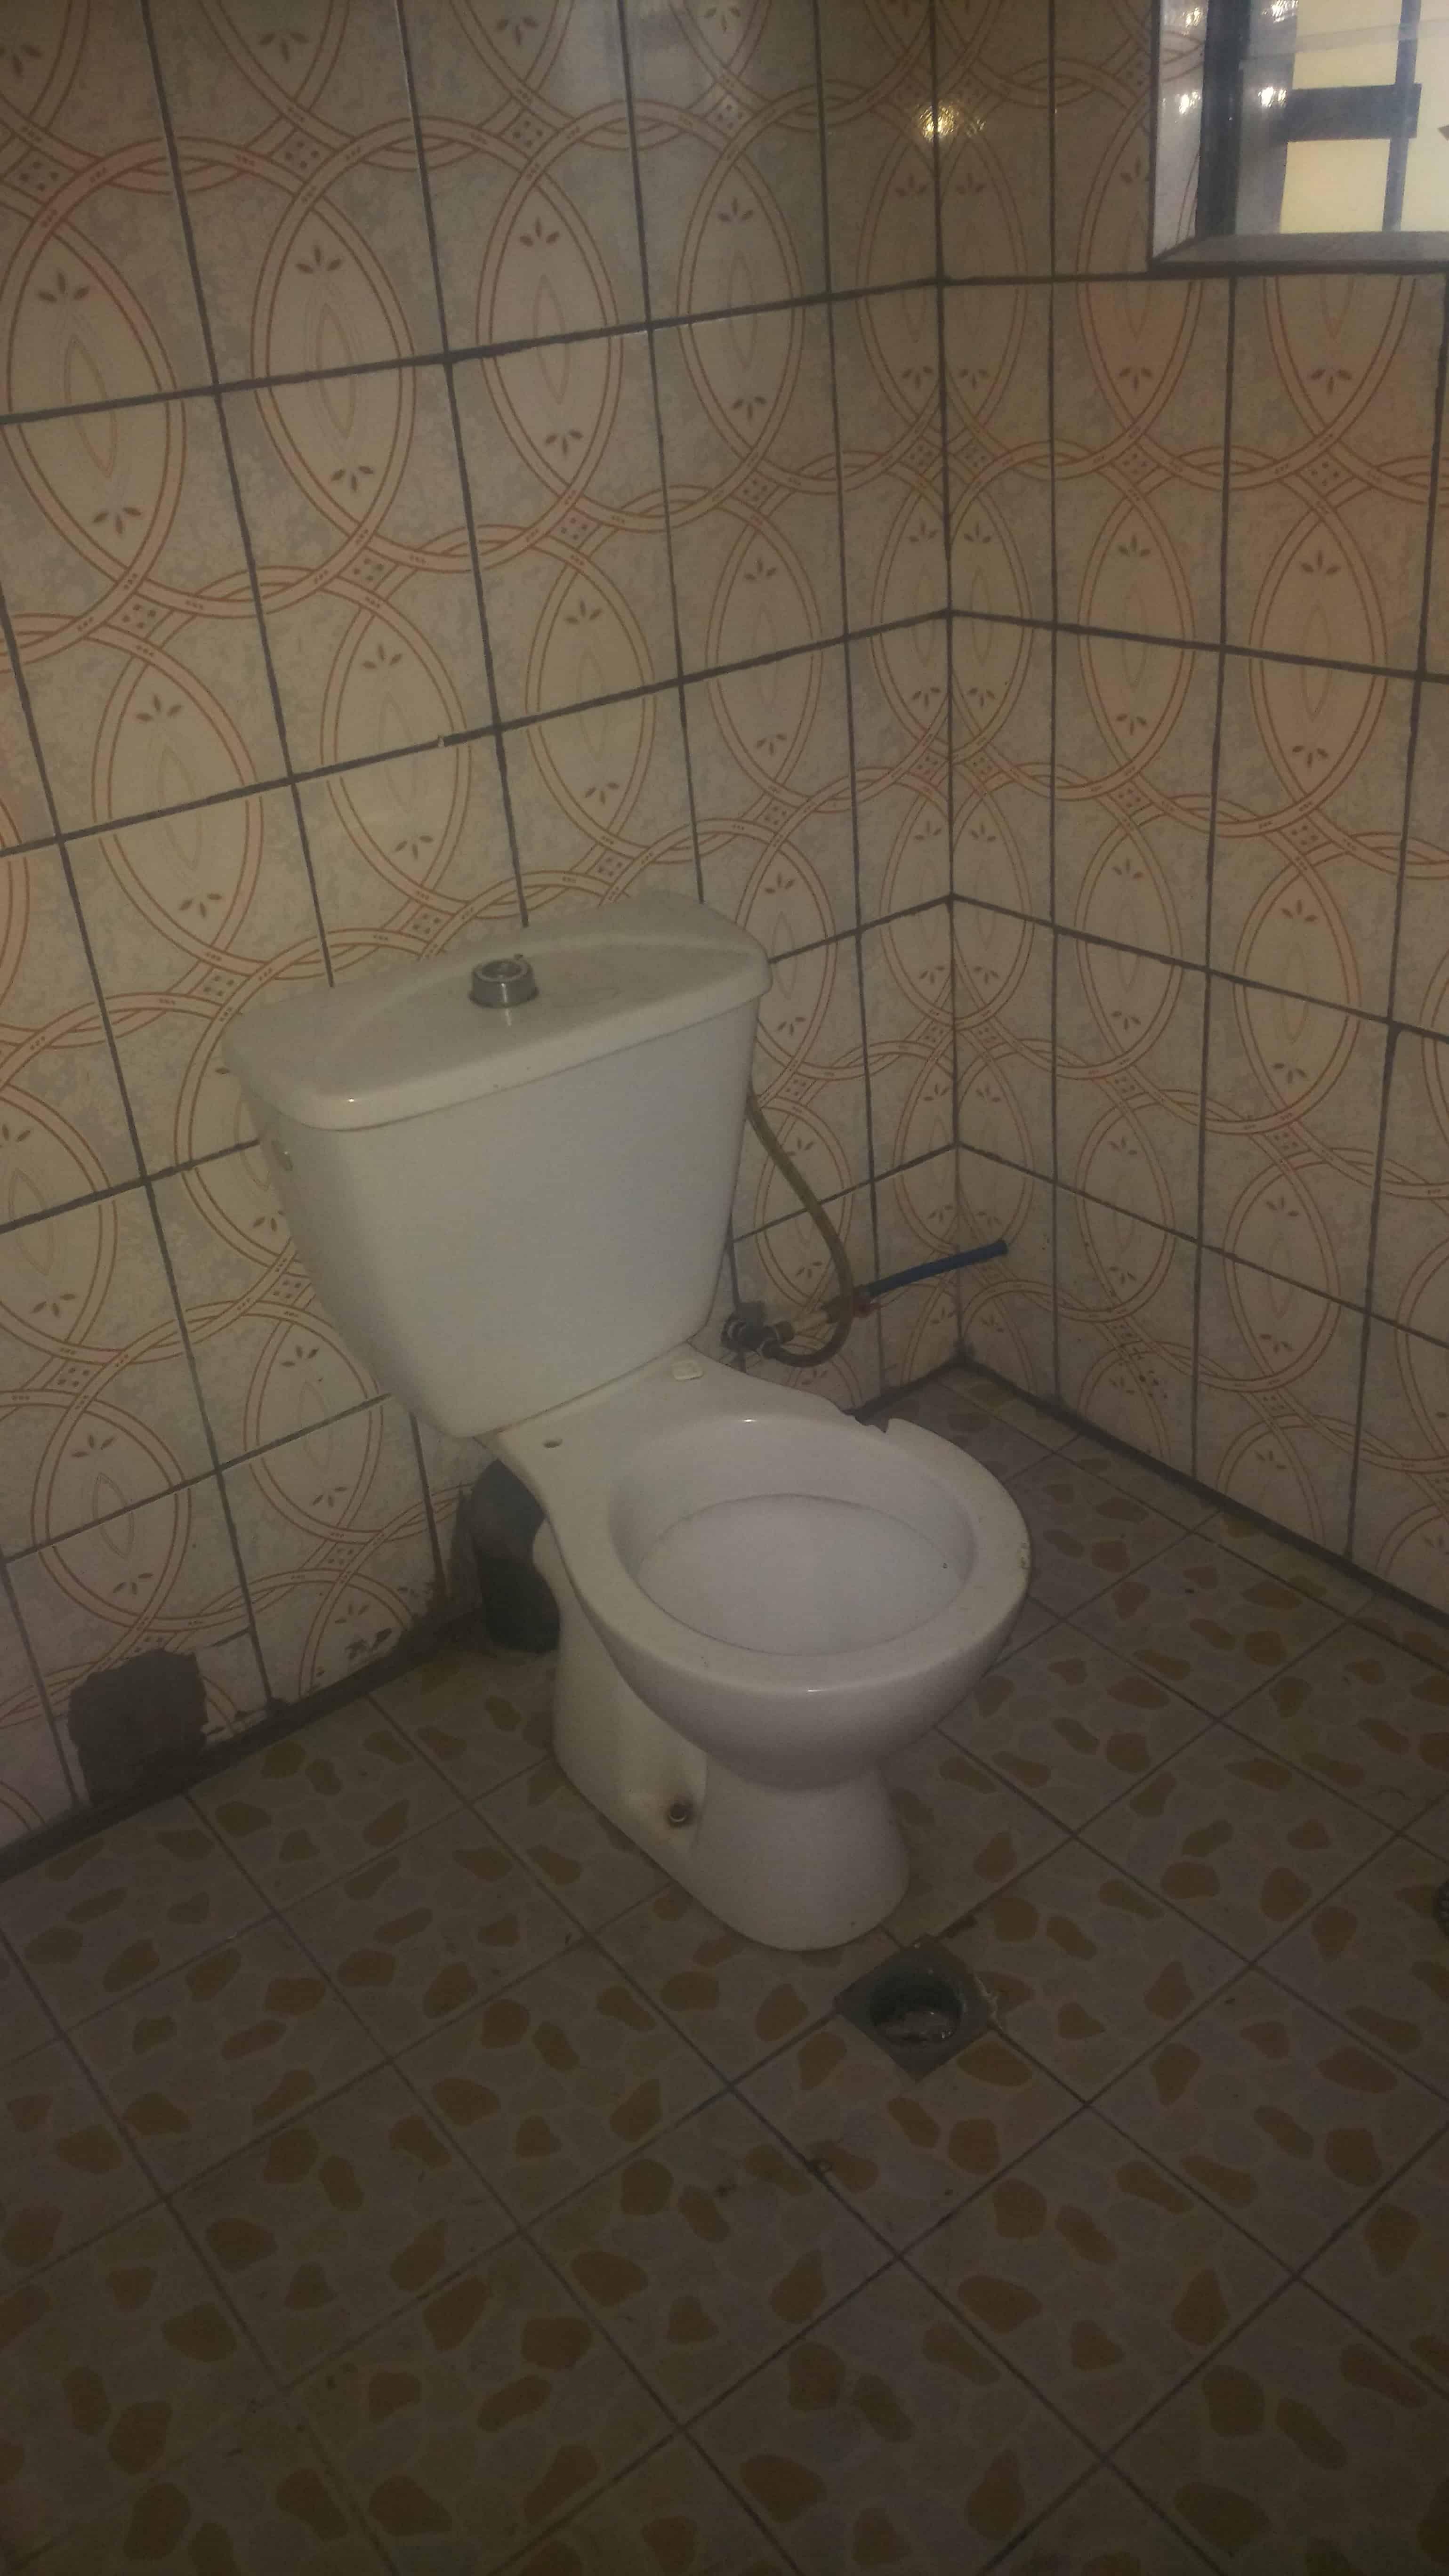 Studio to rent - Douala, Ndoghem, Nouvelle Route cité CICAM - 35 000 FCFA / month